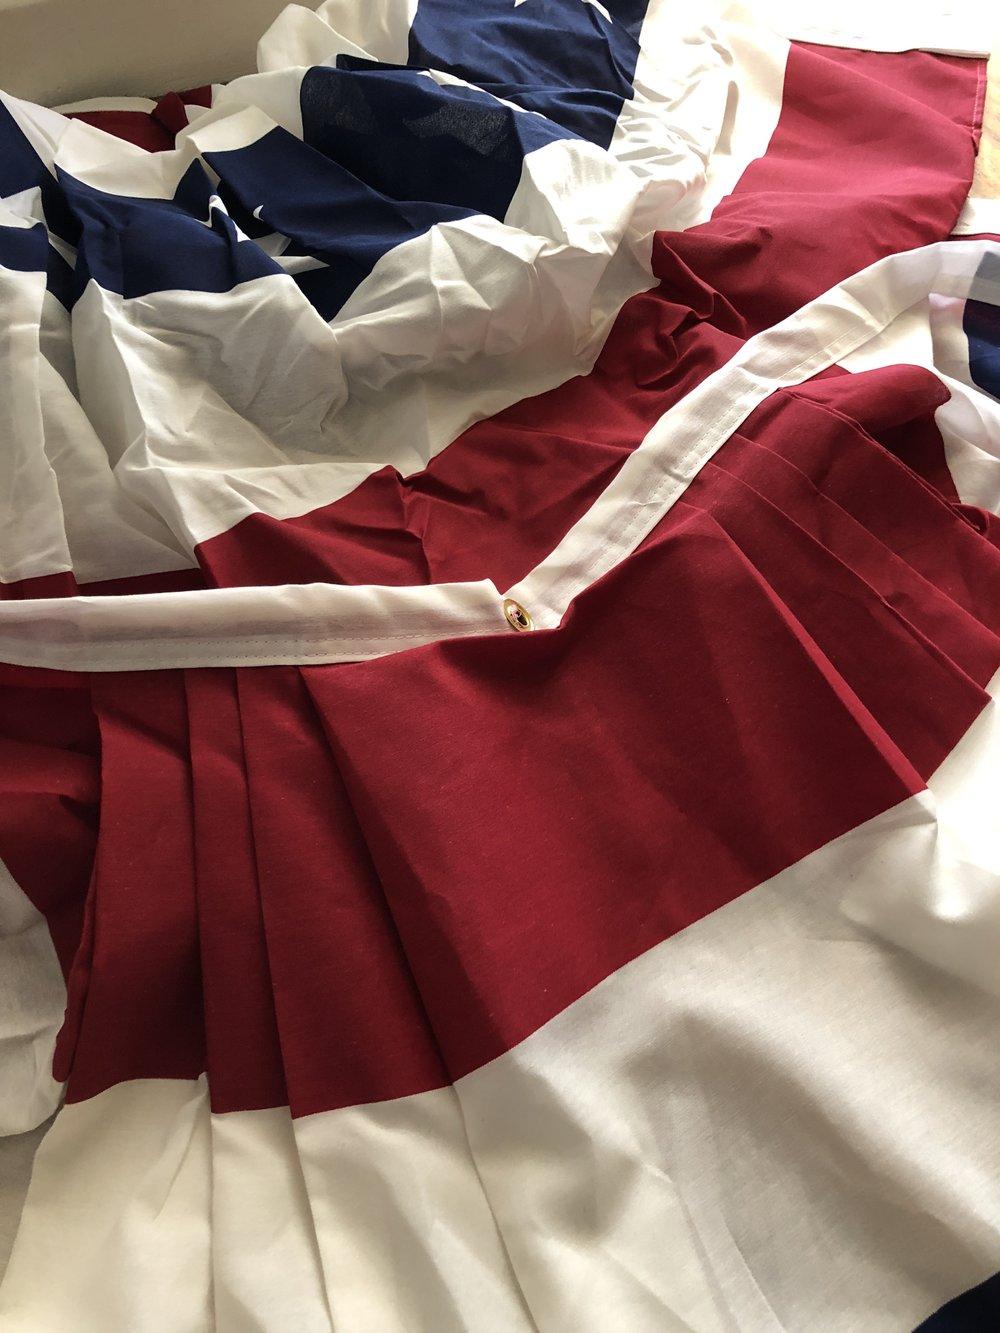 Ironing bunting